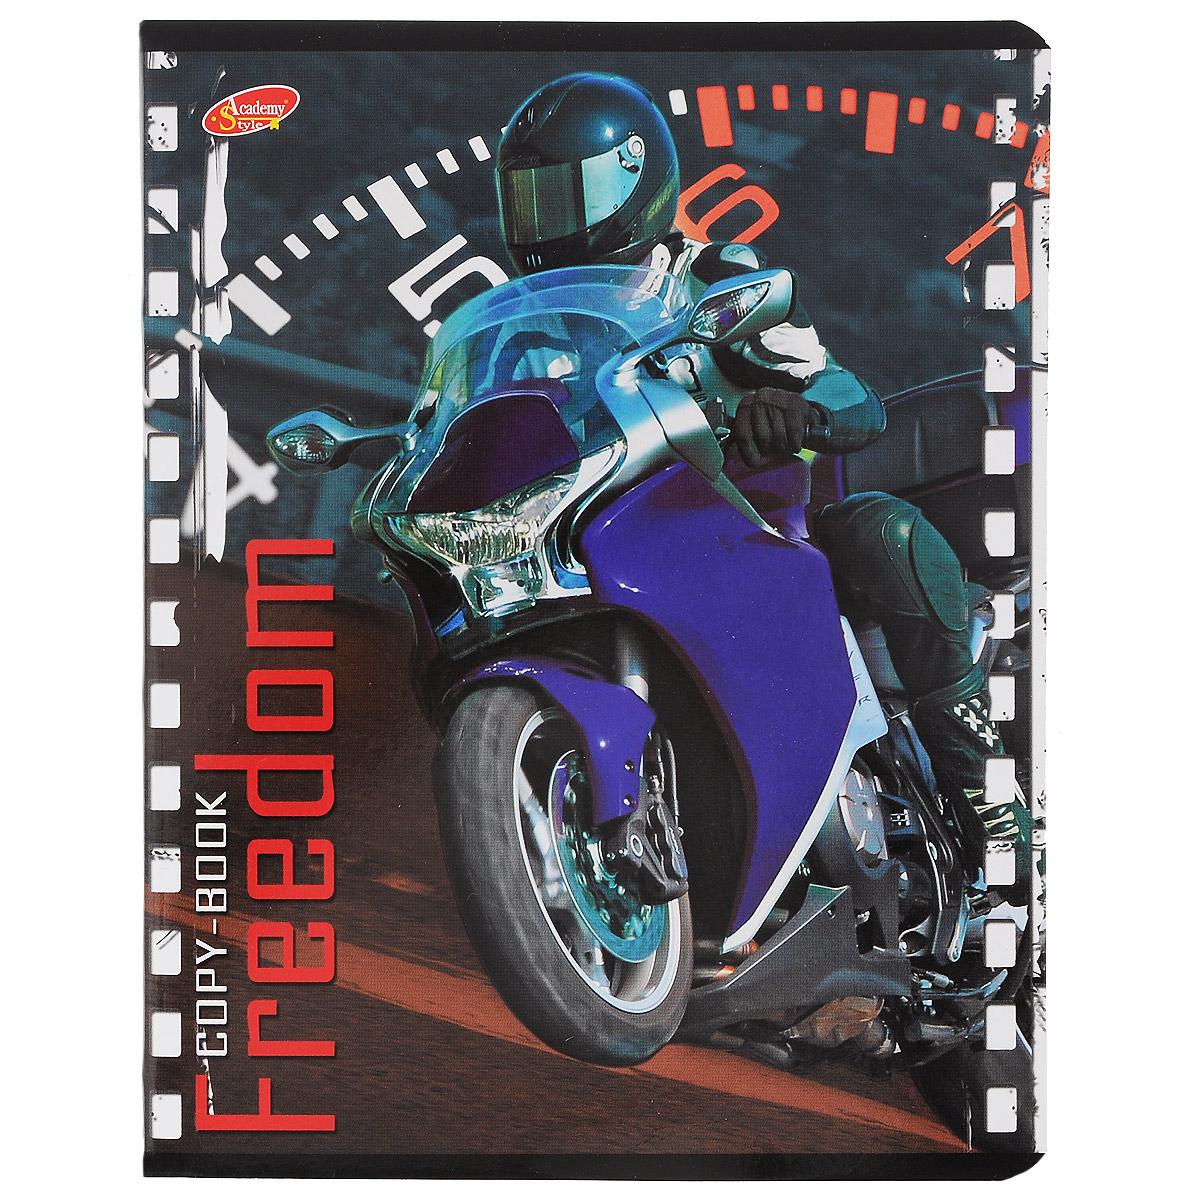 Тетрадь Freedom Мотоцикл, 80 листов, формат А5, цвет: фиолетовый6595/5_ФиолетовыйТетрадь в клетку Freedom Мотоцикл с красочным изображением мотоцикла на обложке подойдет как студенту, так и школьнику. Обложка тетради с закругленными углами выполнена из картона. Внутренний блок состоит из 80 листов белой бумаги. Стандартная линовка в клетку дополнена полями, совпадающими с лицевой и оборотной стороны листа.